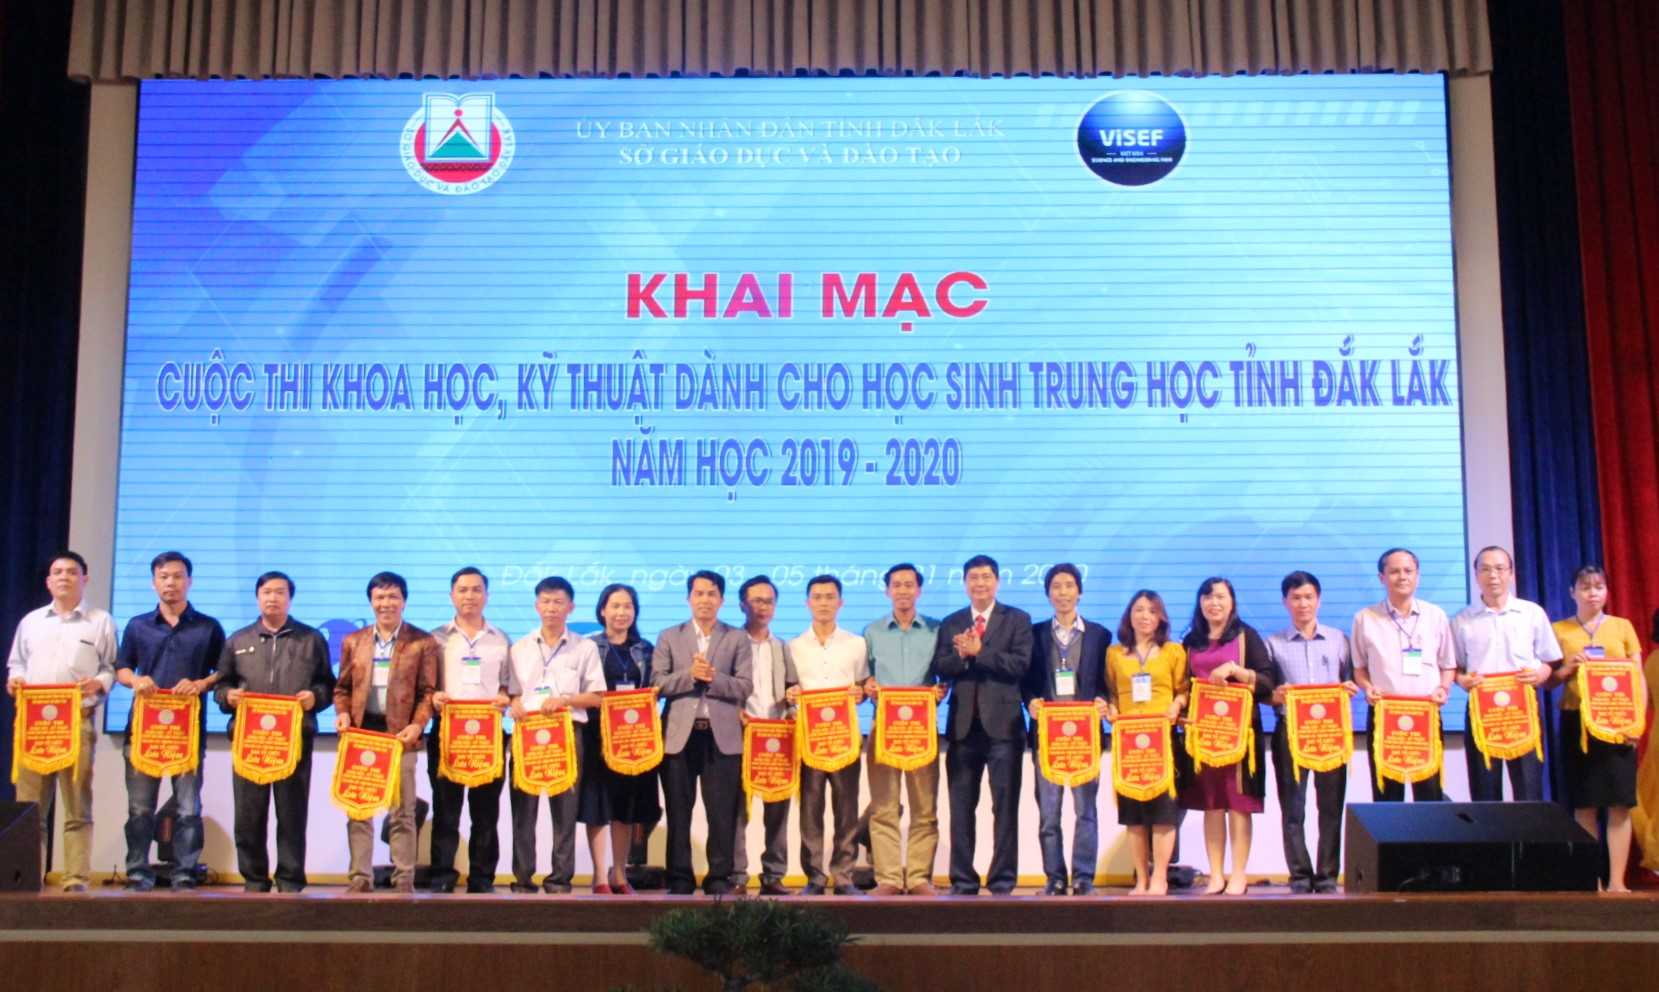 129 sản phẩm, dự án tham dự Cuộc thi khoa học, kỹ thuật dành cho học sinh trung học tỉnh Đắk Lắk năm học 2019-2020